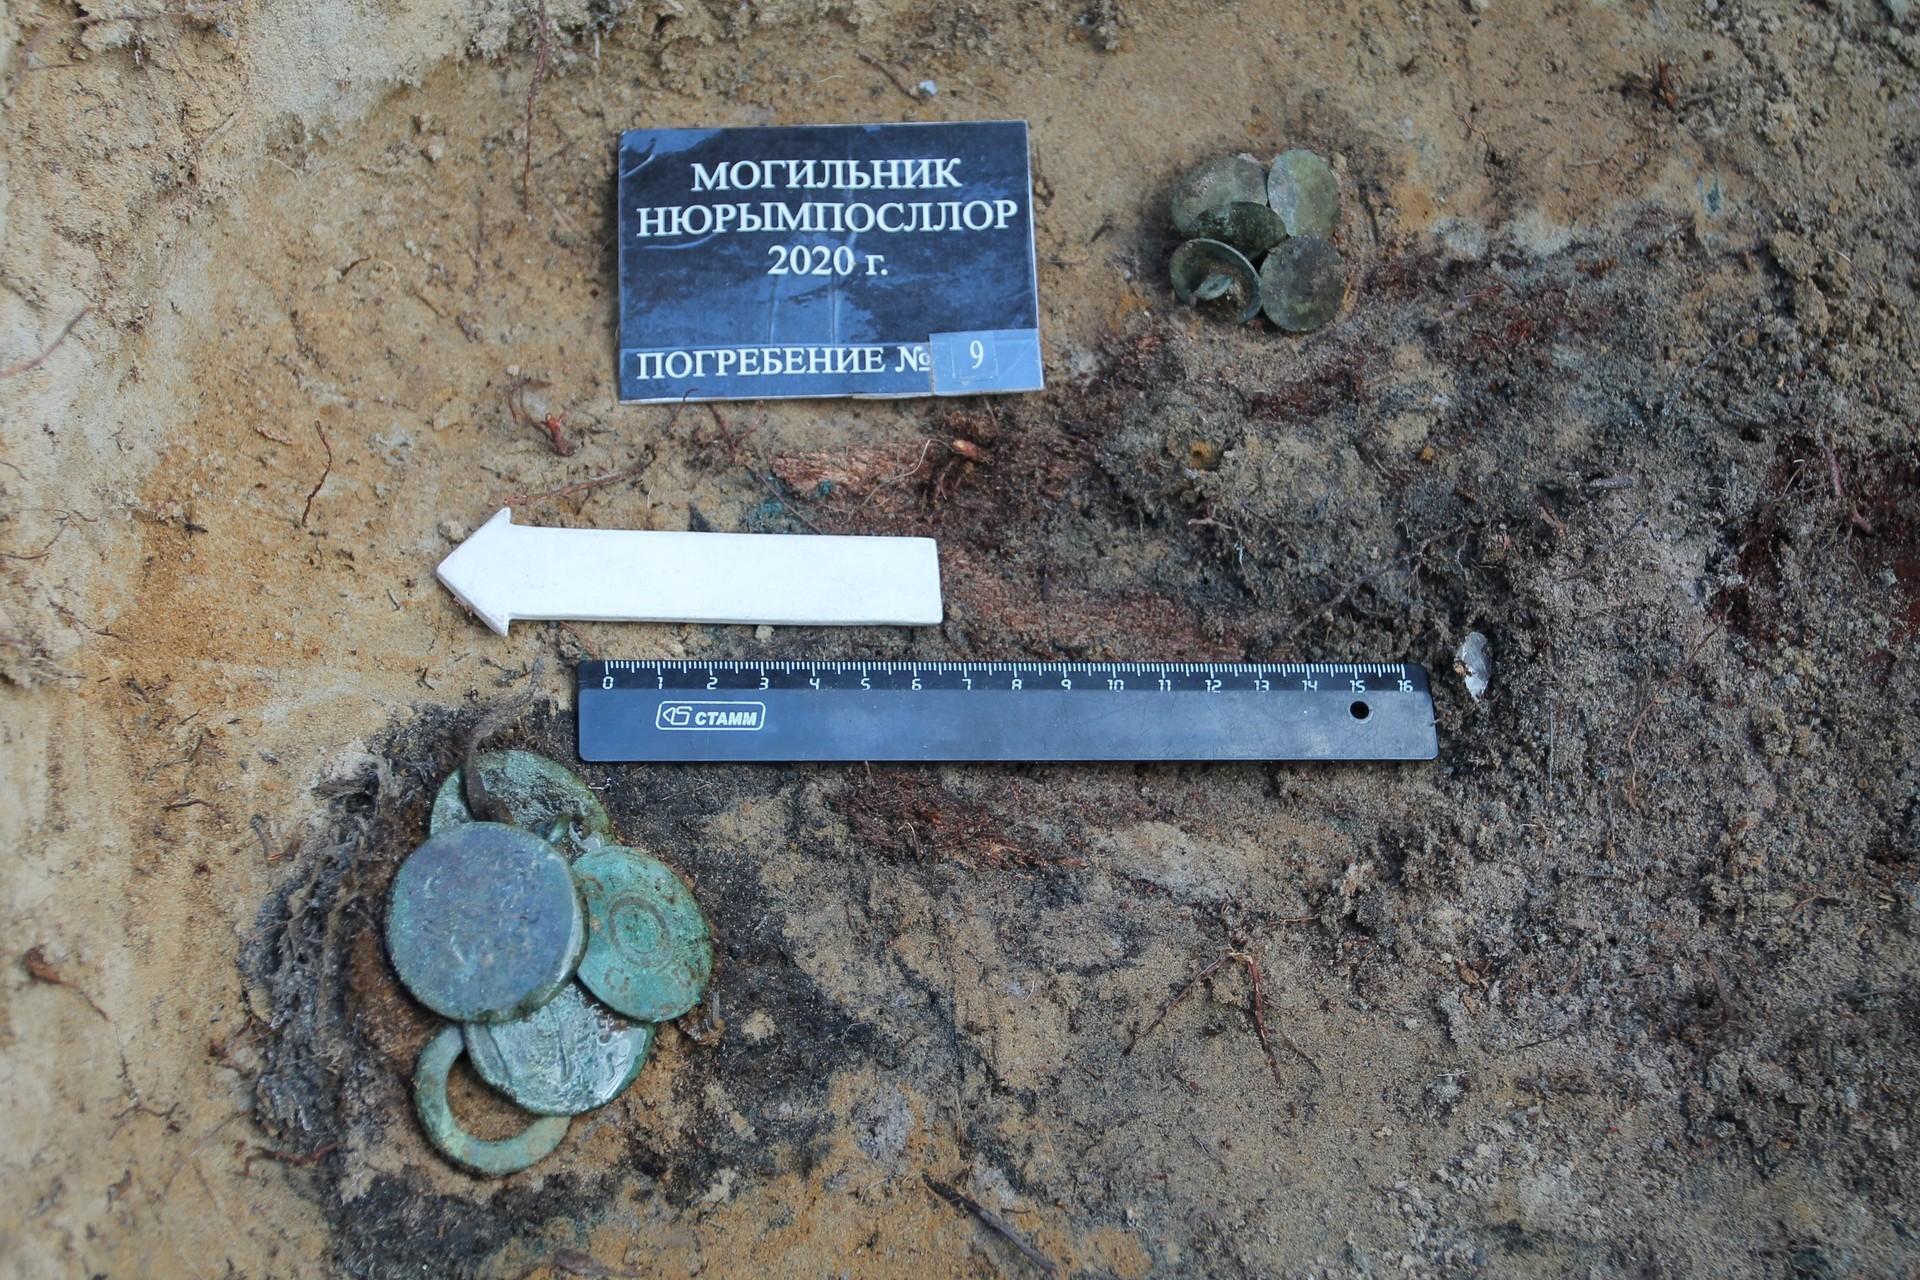 Placas de cobre y un botón en la tumba de un niño. Vaina de cobre y cuchillos de hierro en la tumba de un niño